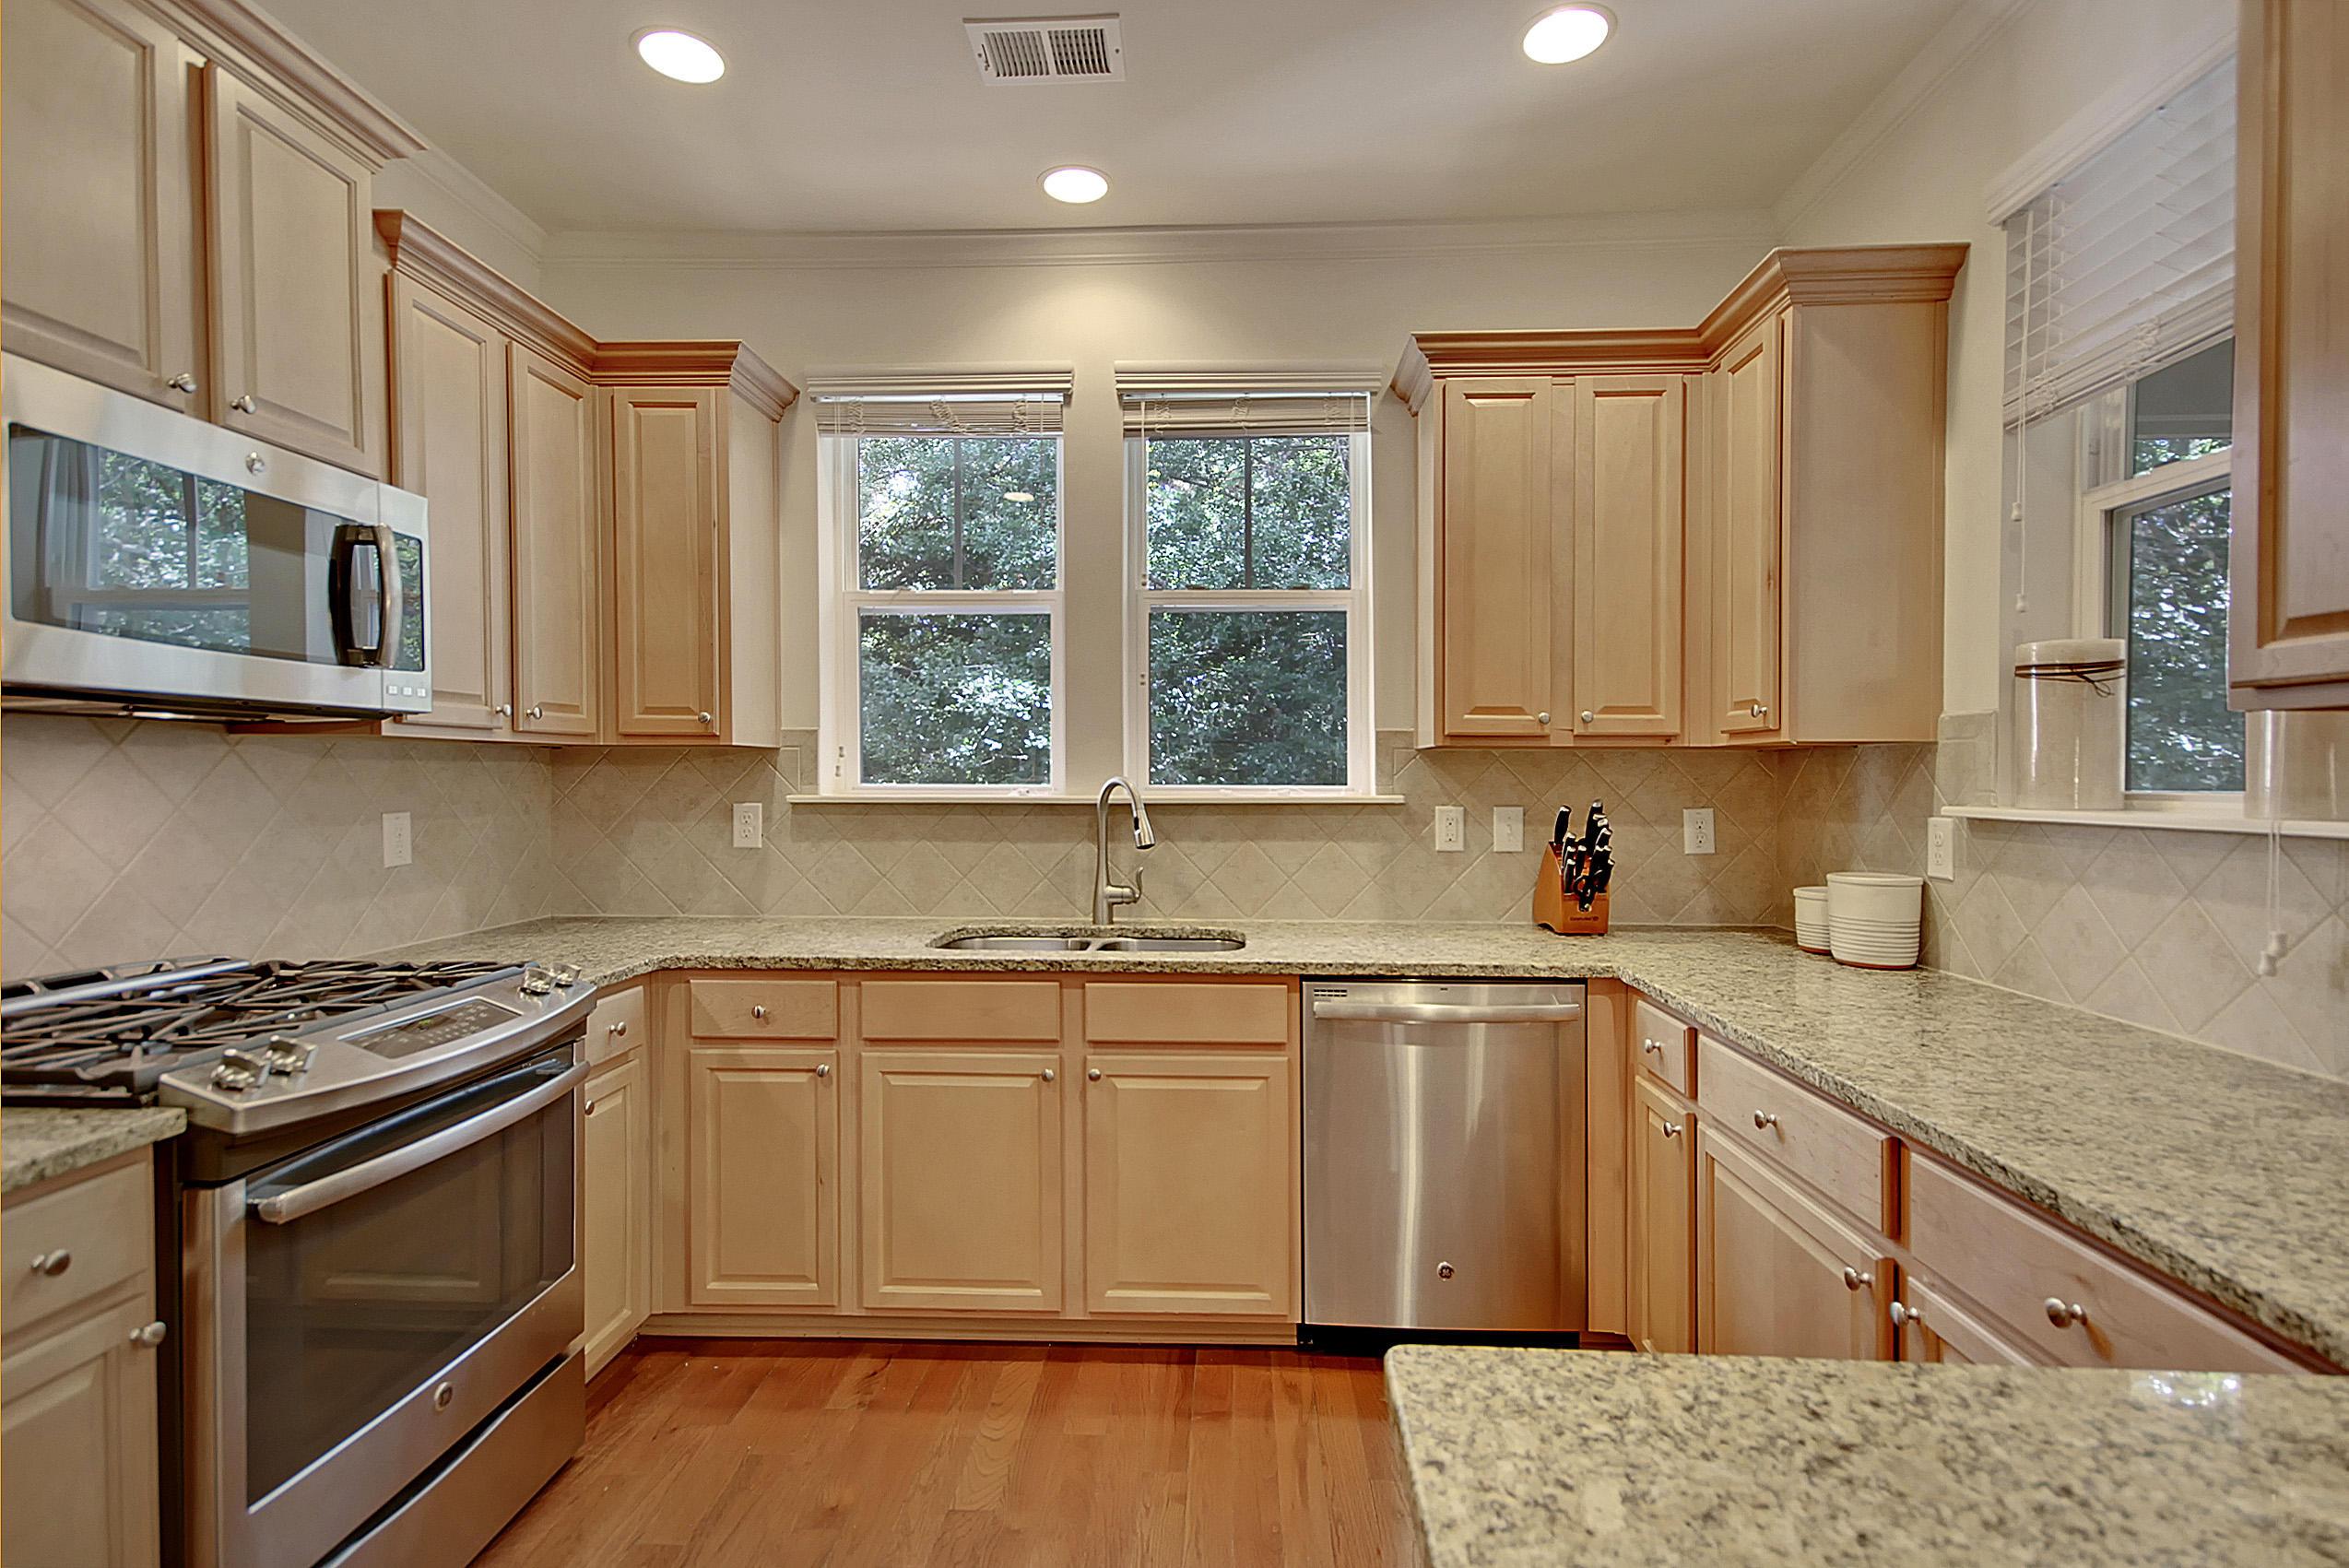 Royal Palms Homes For Sale - 1273 Dingle, Mount Pleasant, SC - 0